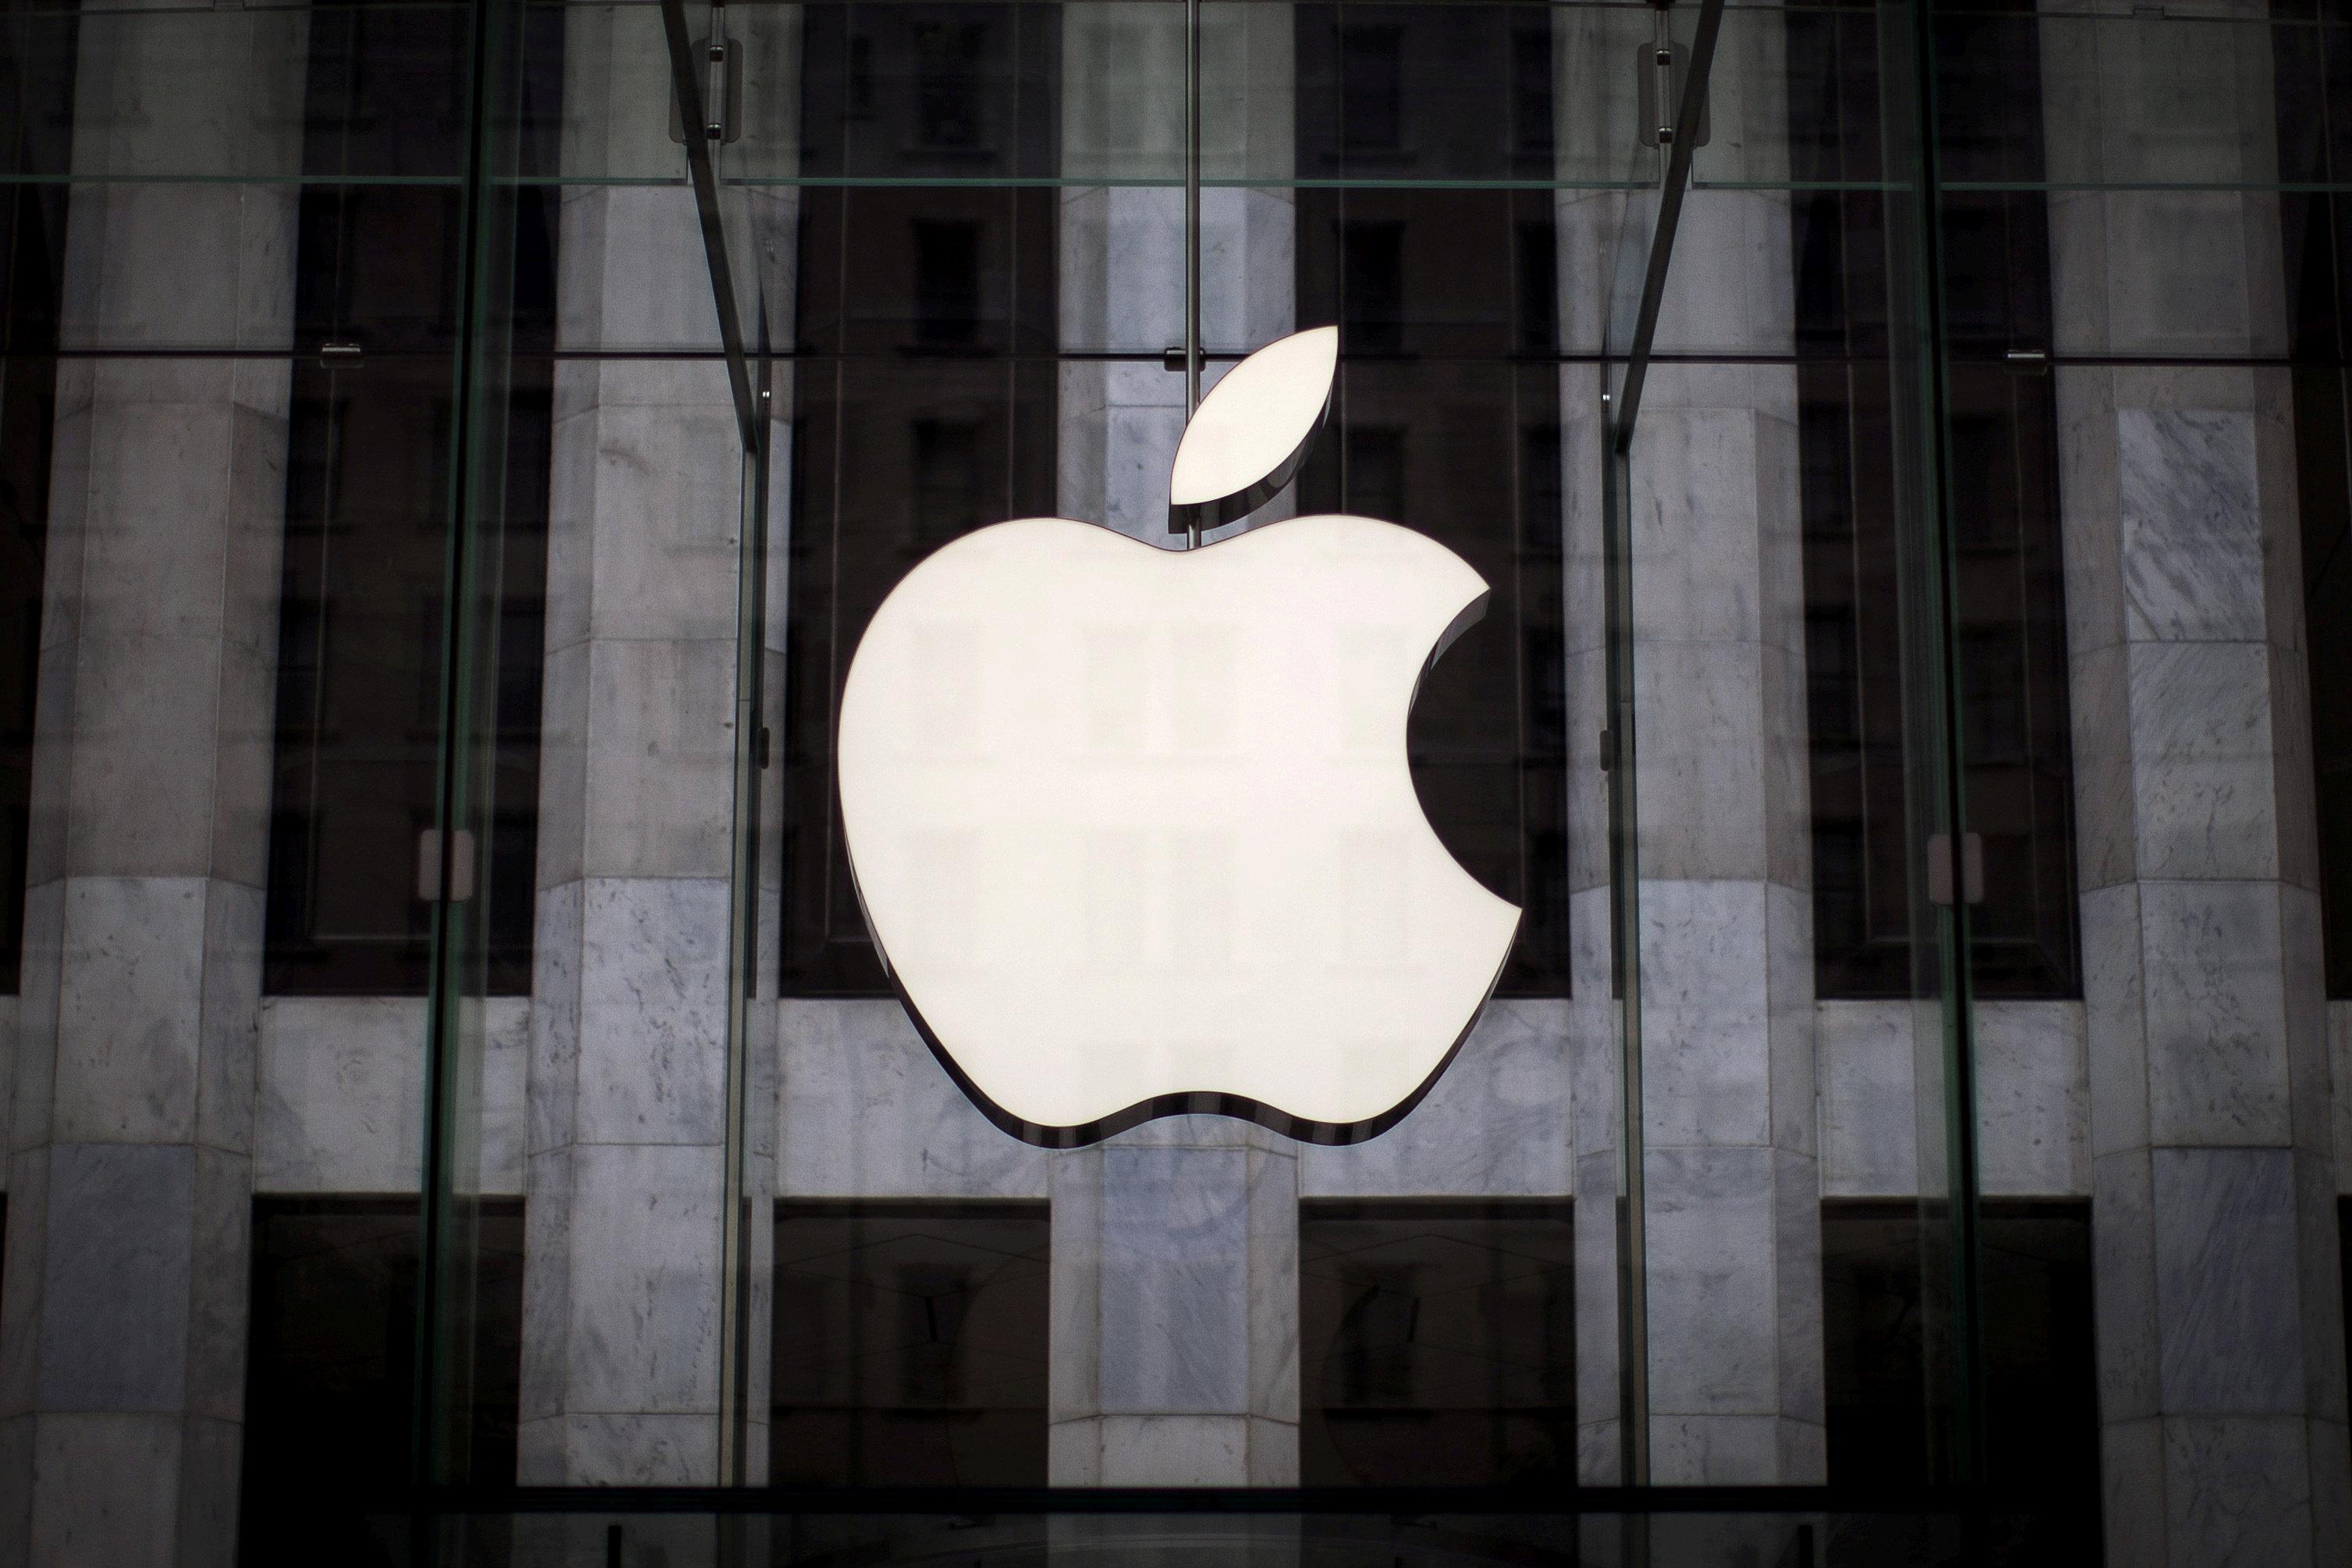 El contenido original de Apple estaría muy cercano según este informe